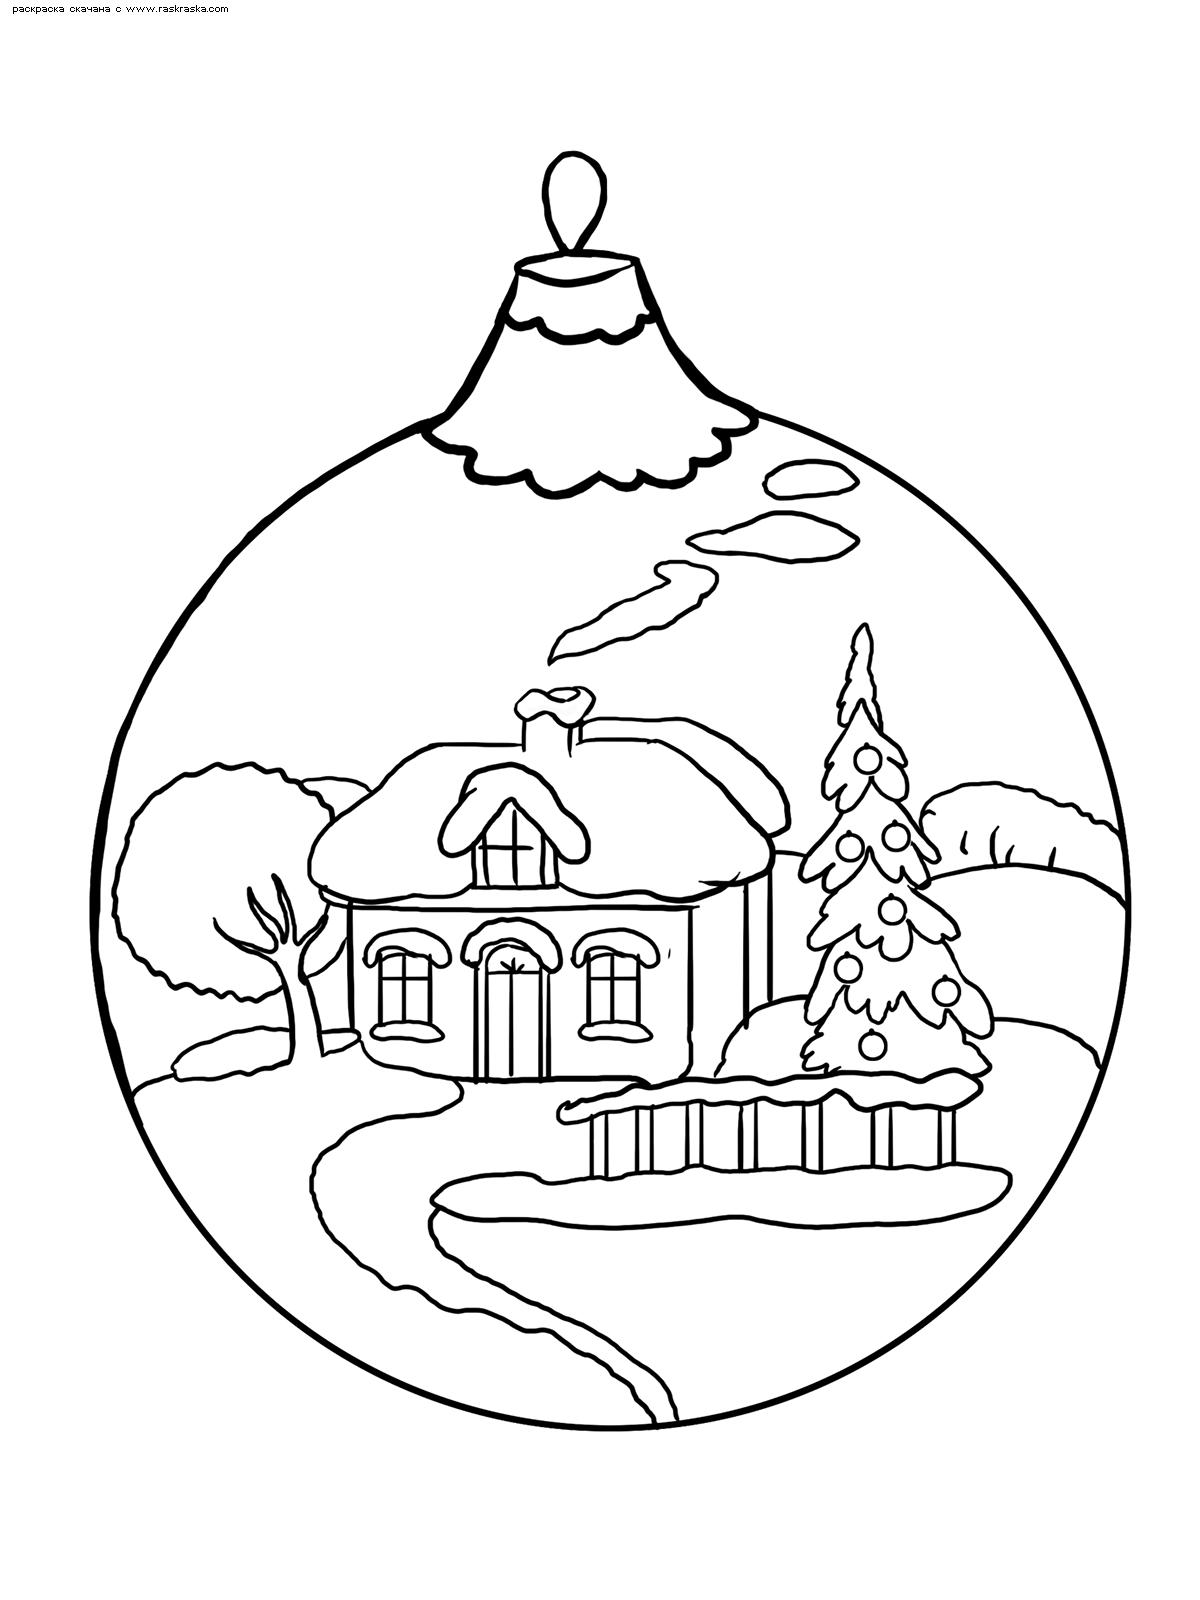 Раскраска Новогодний шар. Раскраска елочная игрушка, шар